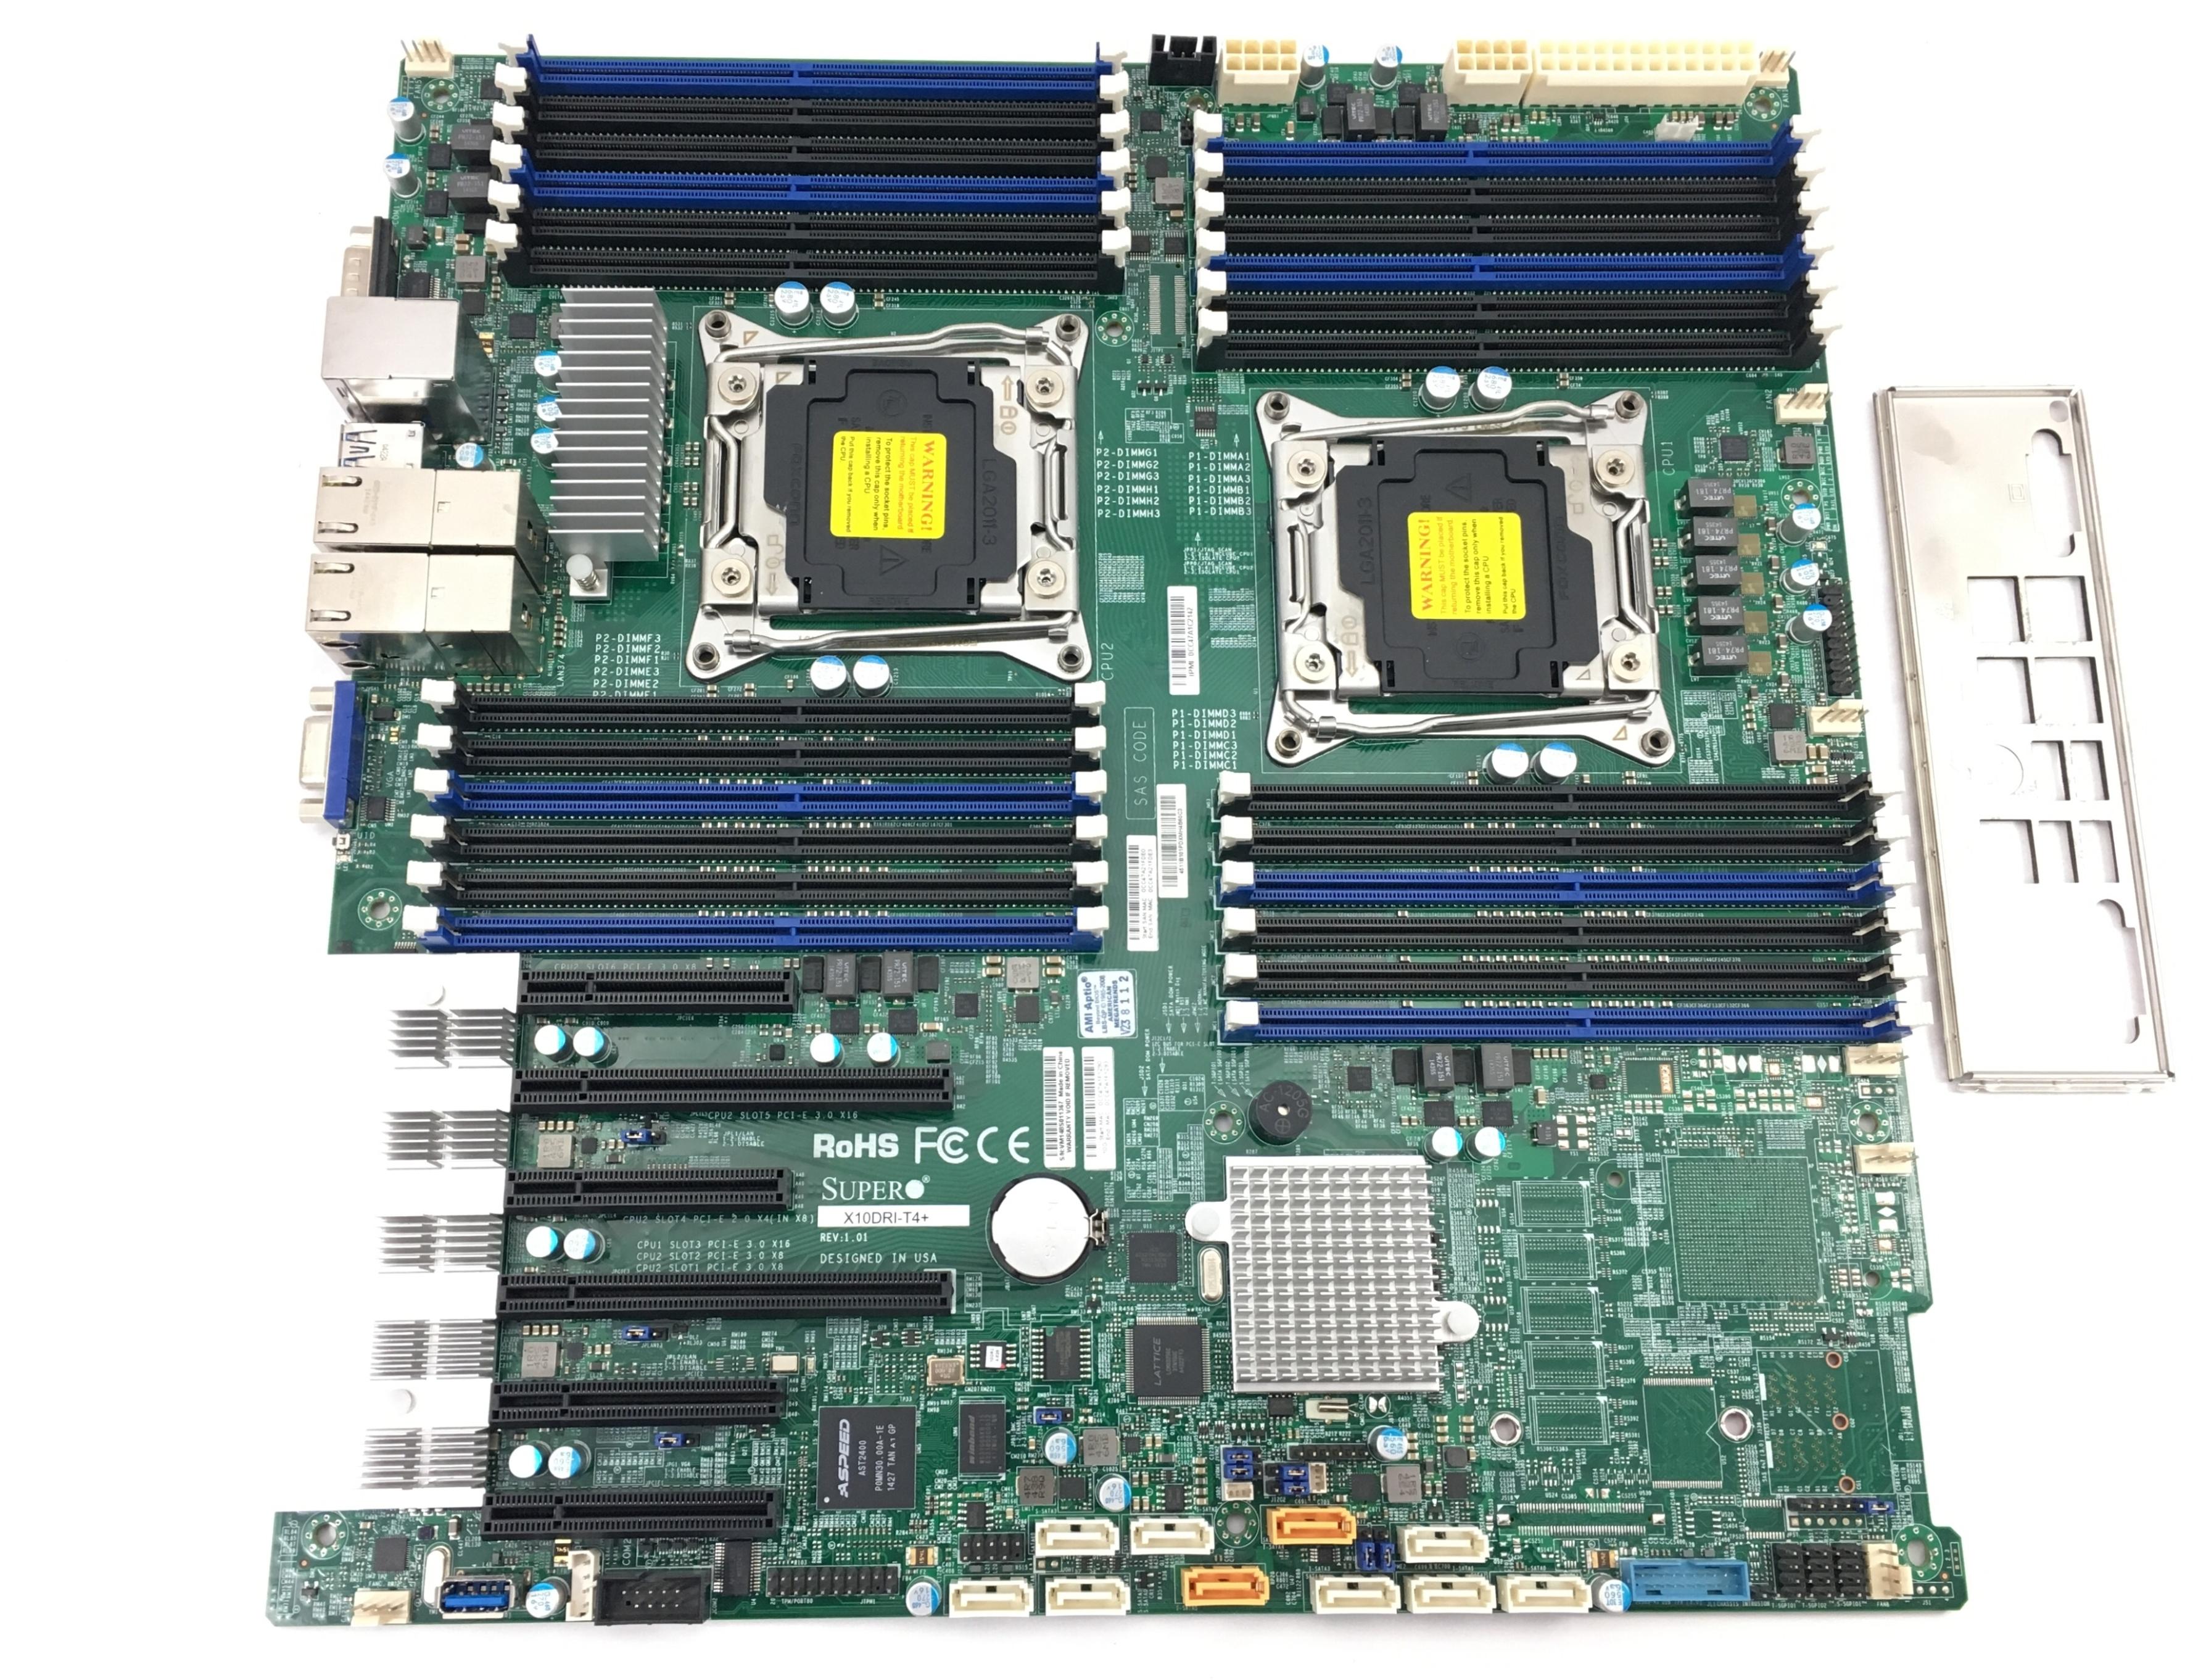 Supermicro EEATX Dual LGA2011 Socket C612 24 DIMM Slots System Board (X10DRI-T4+)